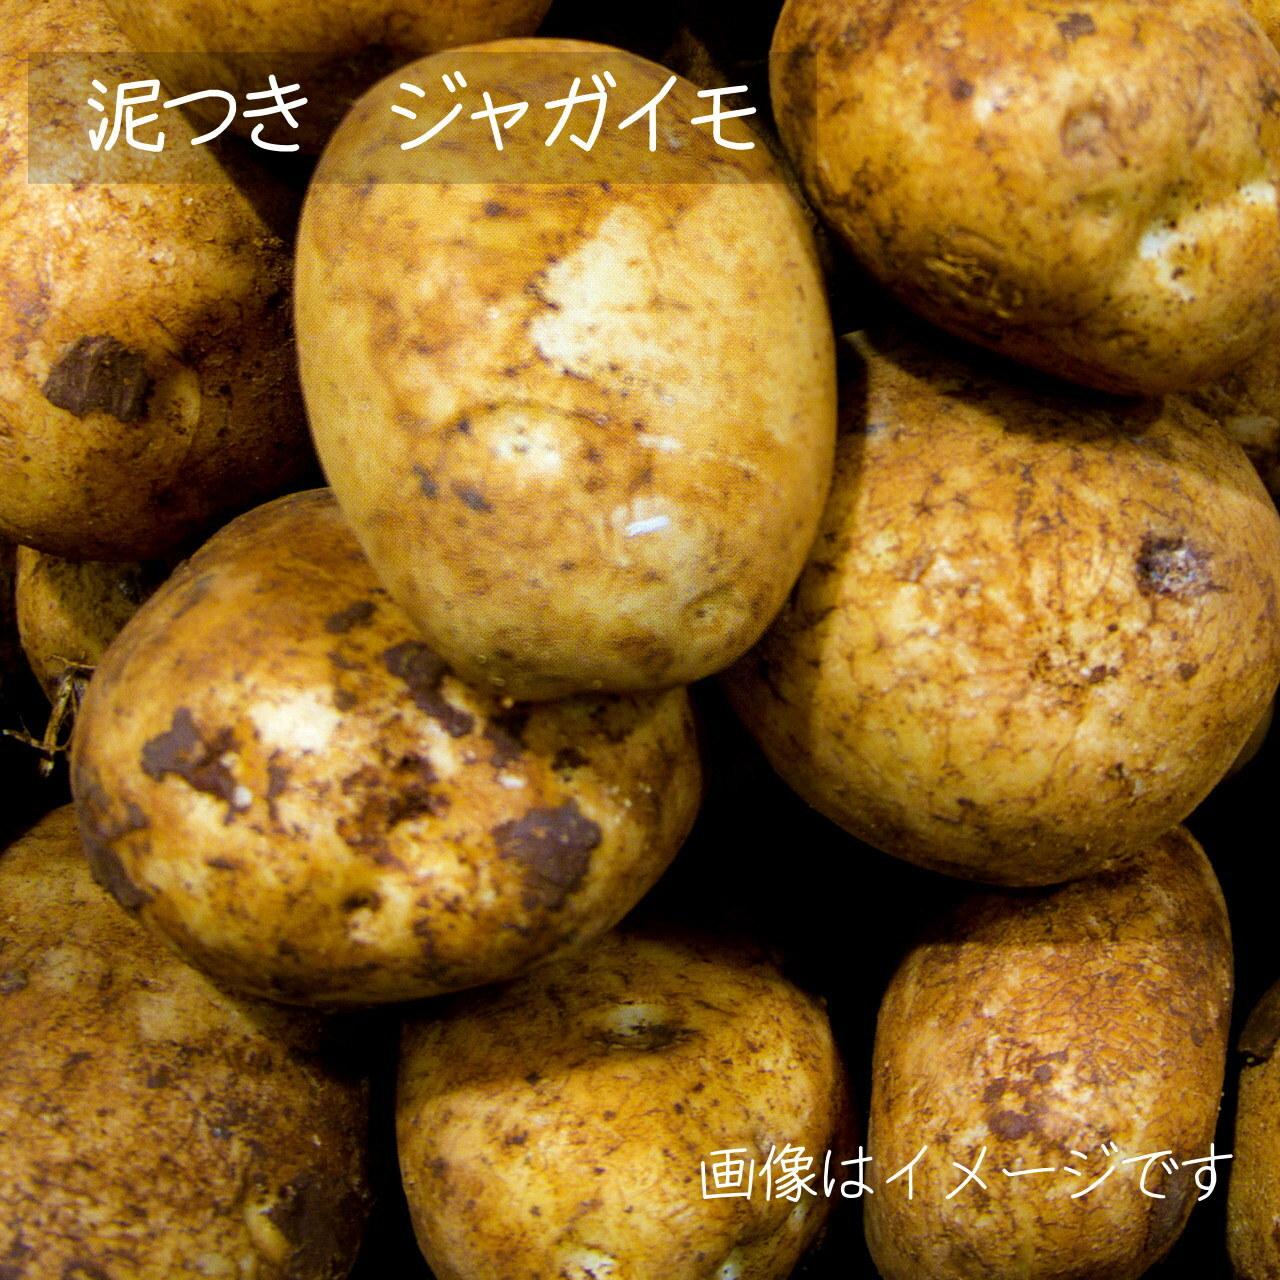 新鮮な秋野菜 : ジャガイモ 約600g 9月の朝採り直売野菜 9月12日発送予定